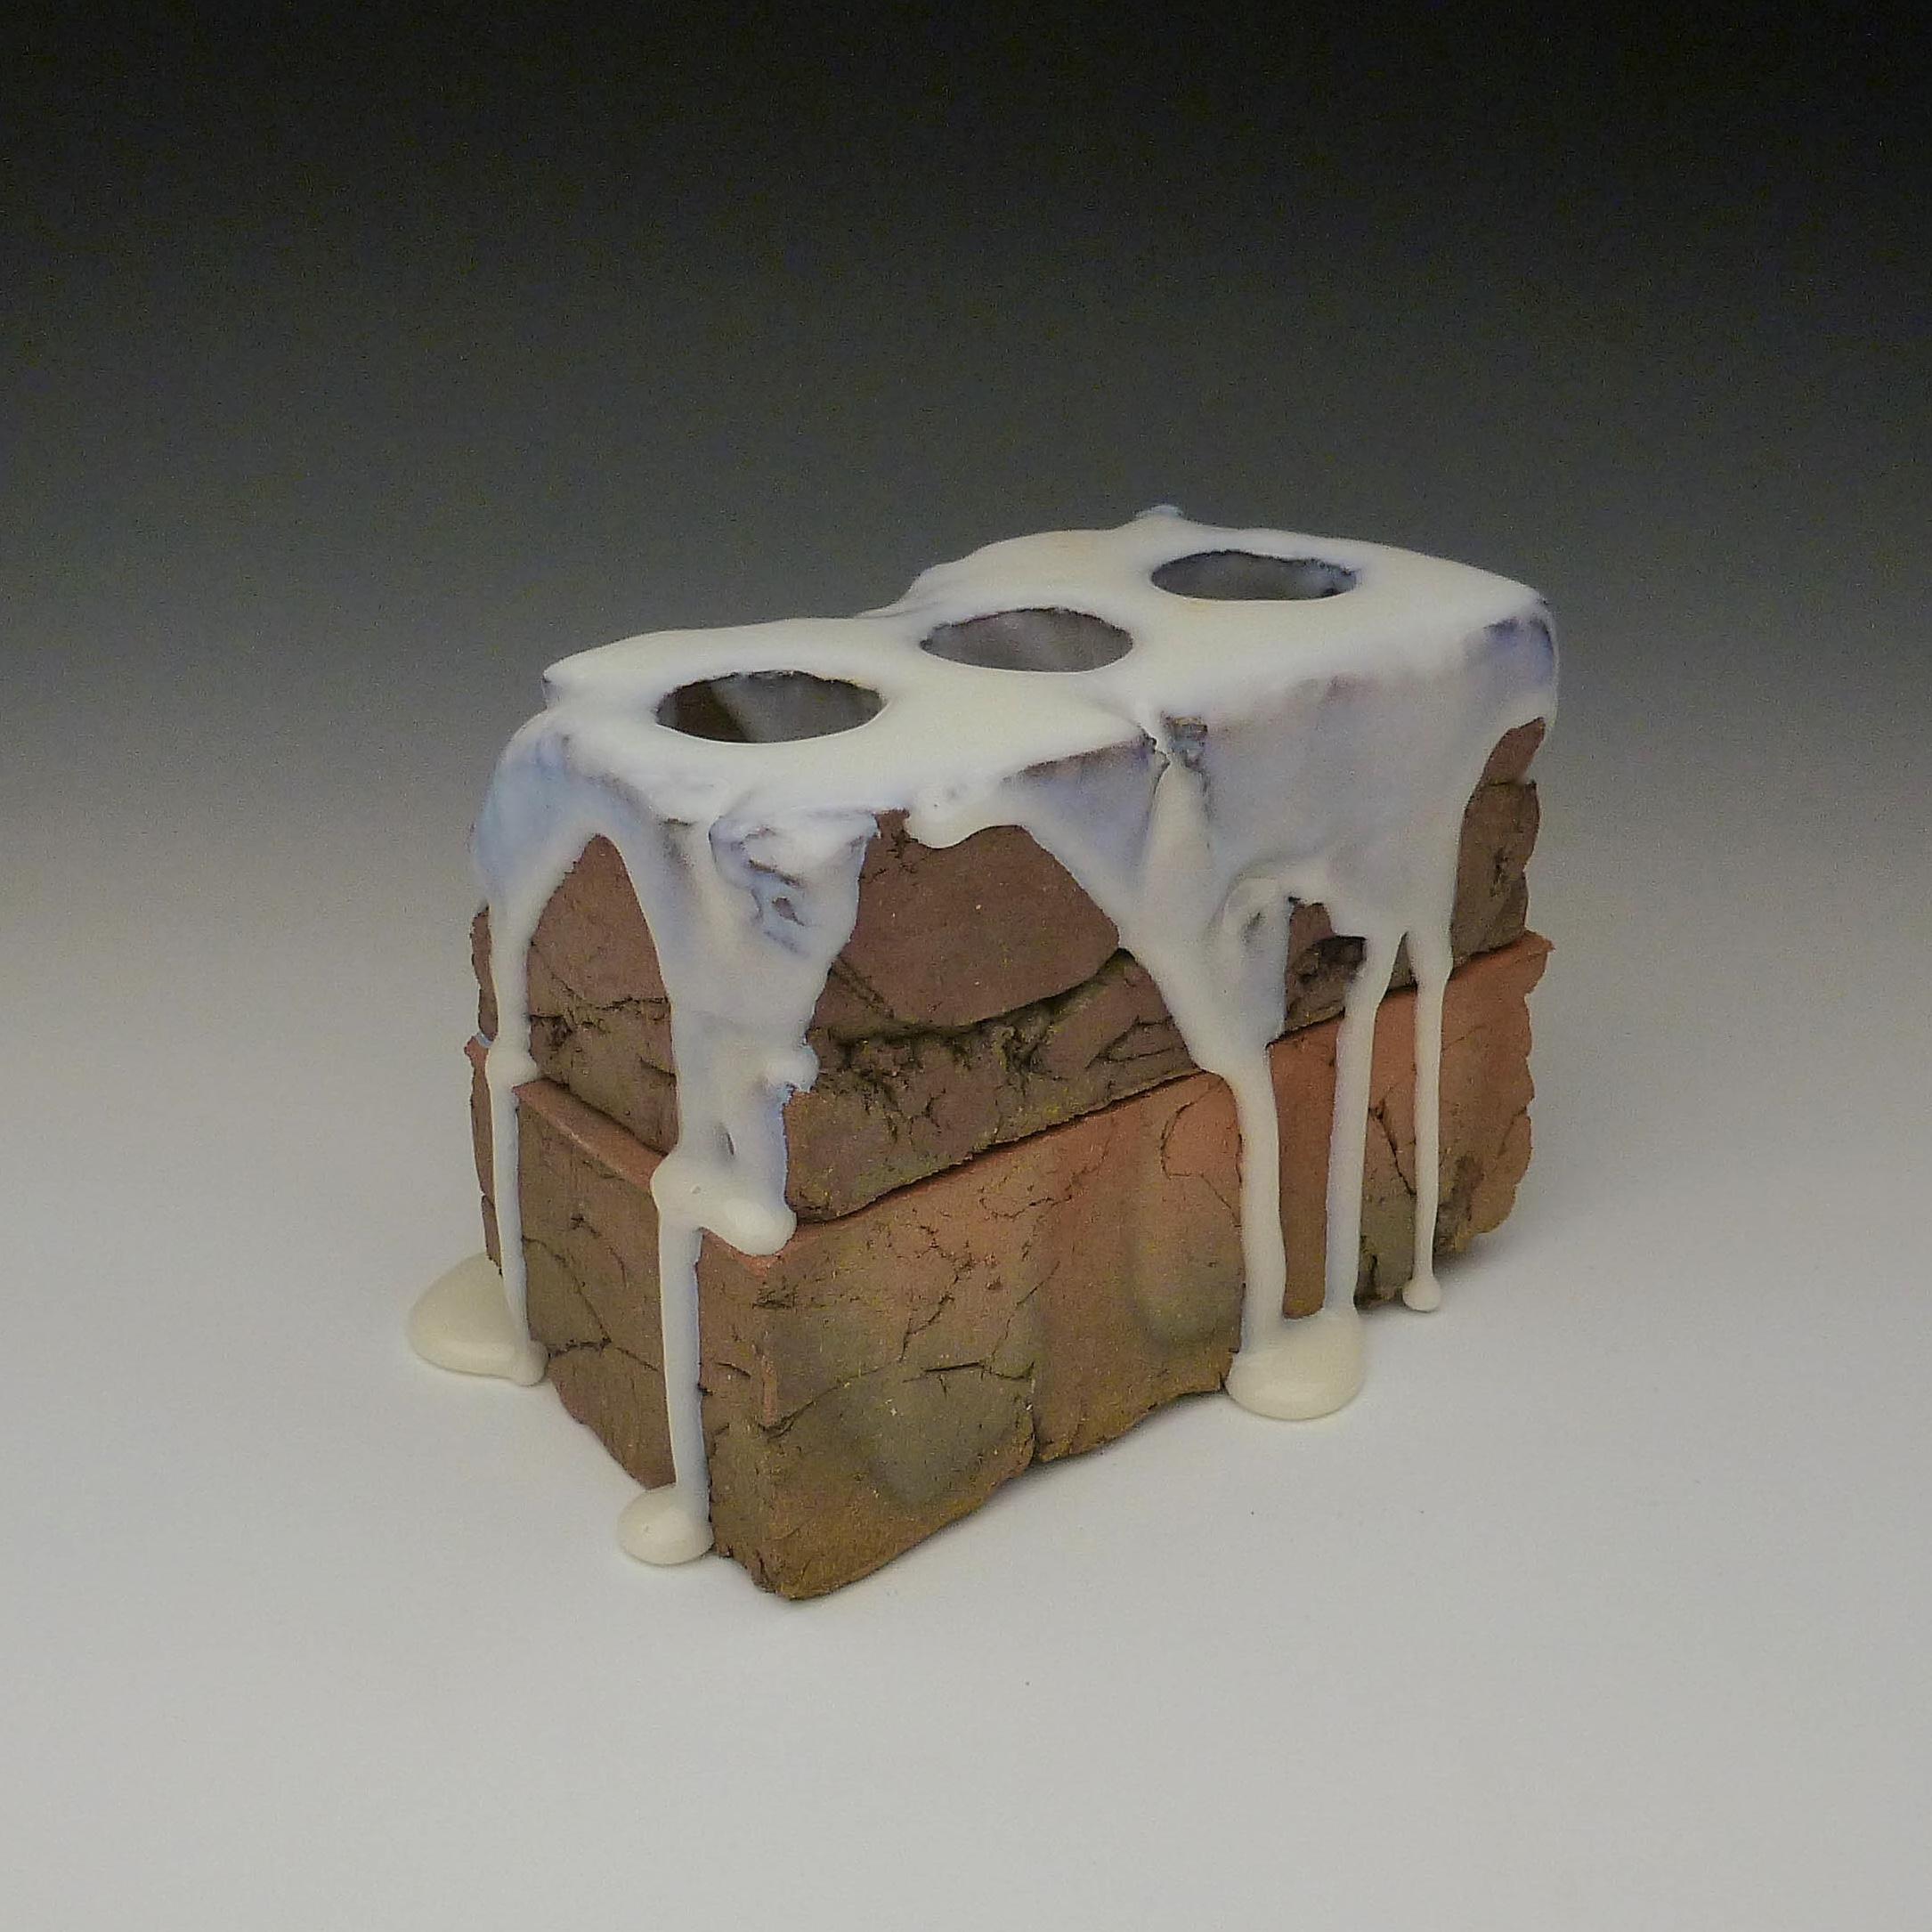 CAKE #1 (detail)